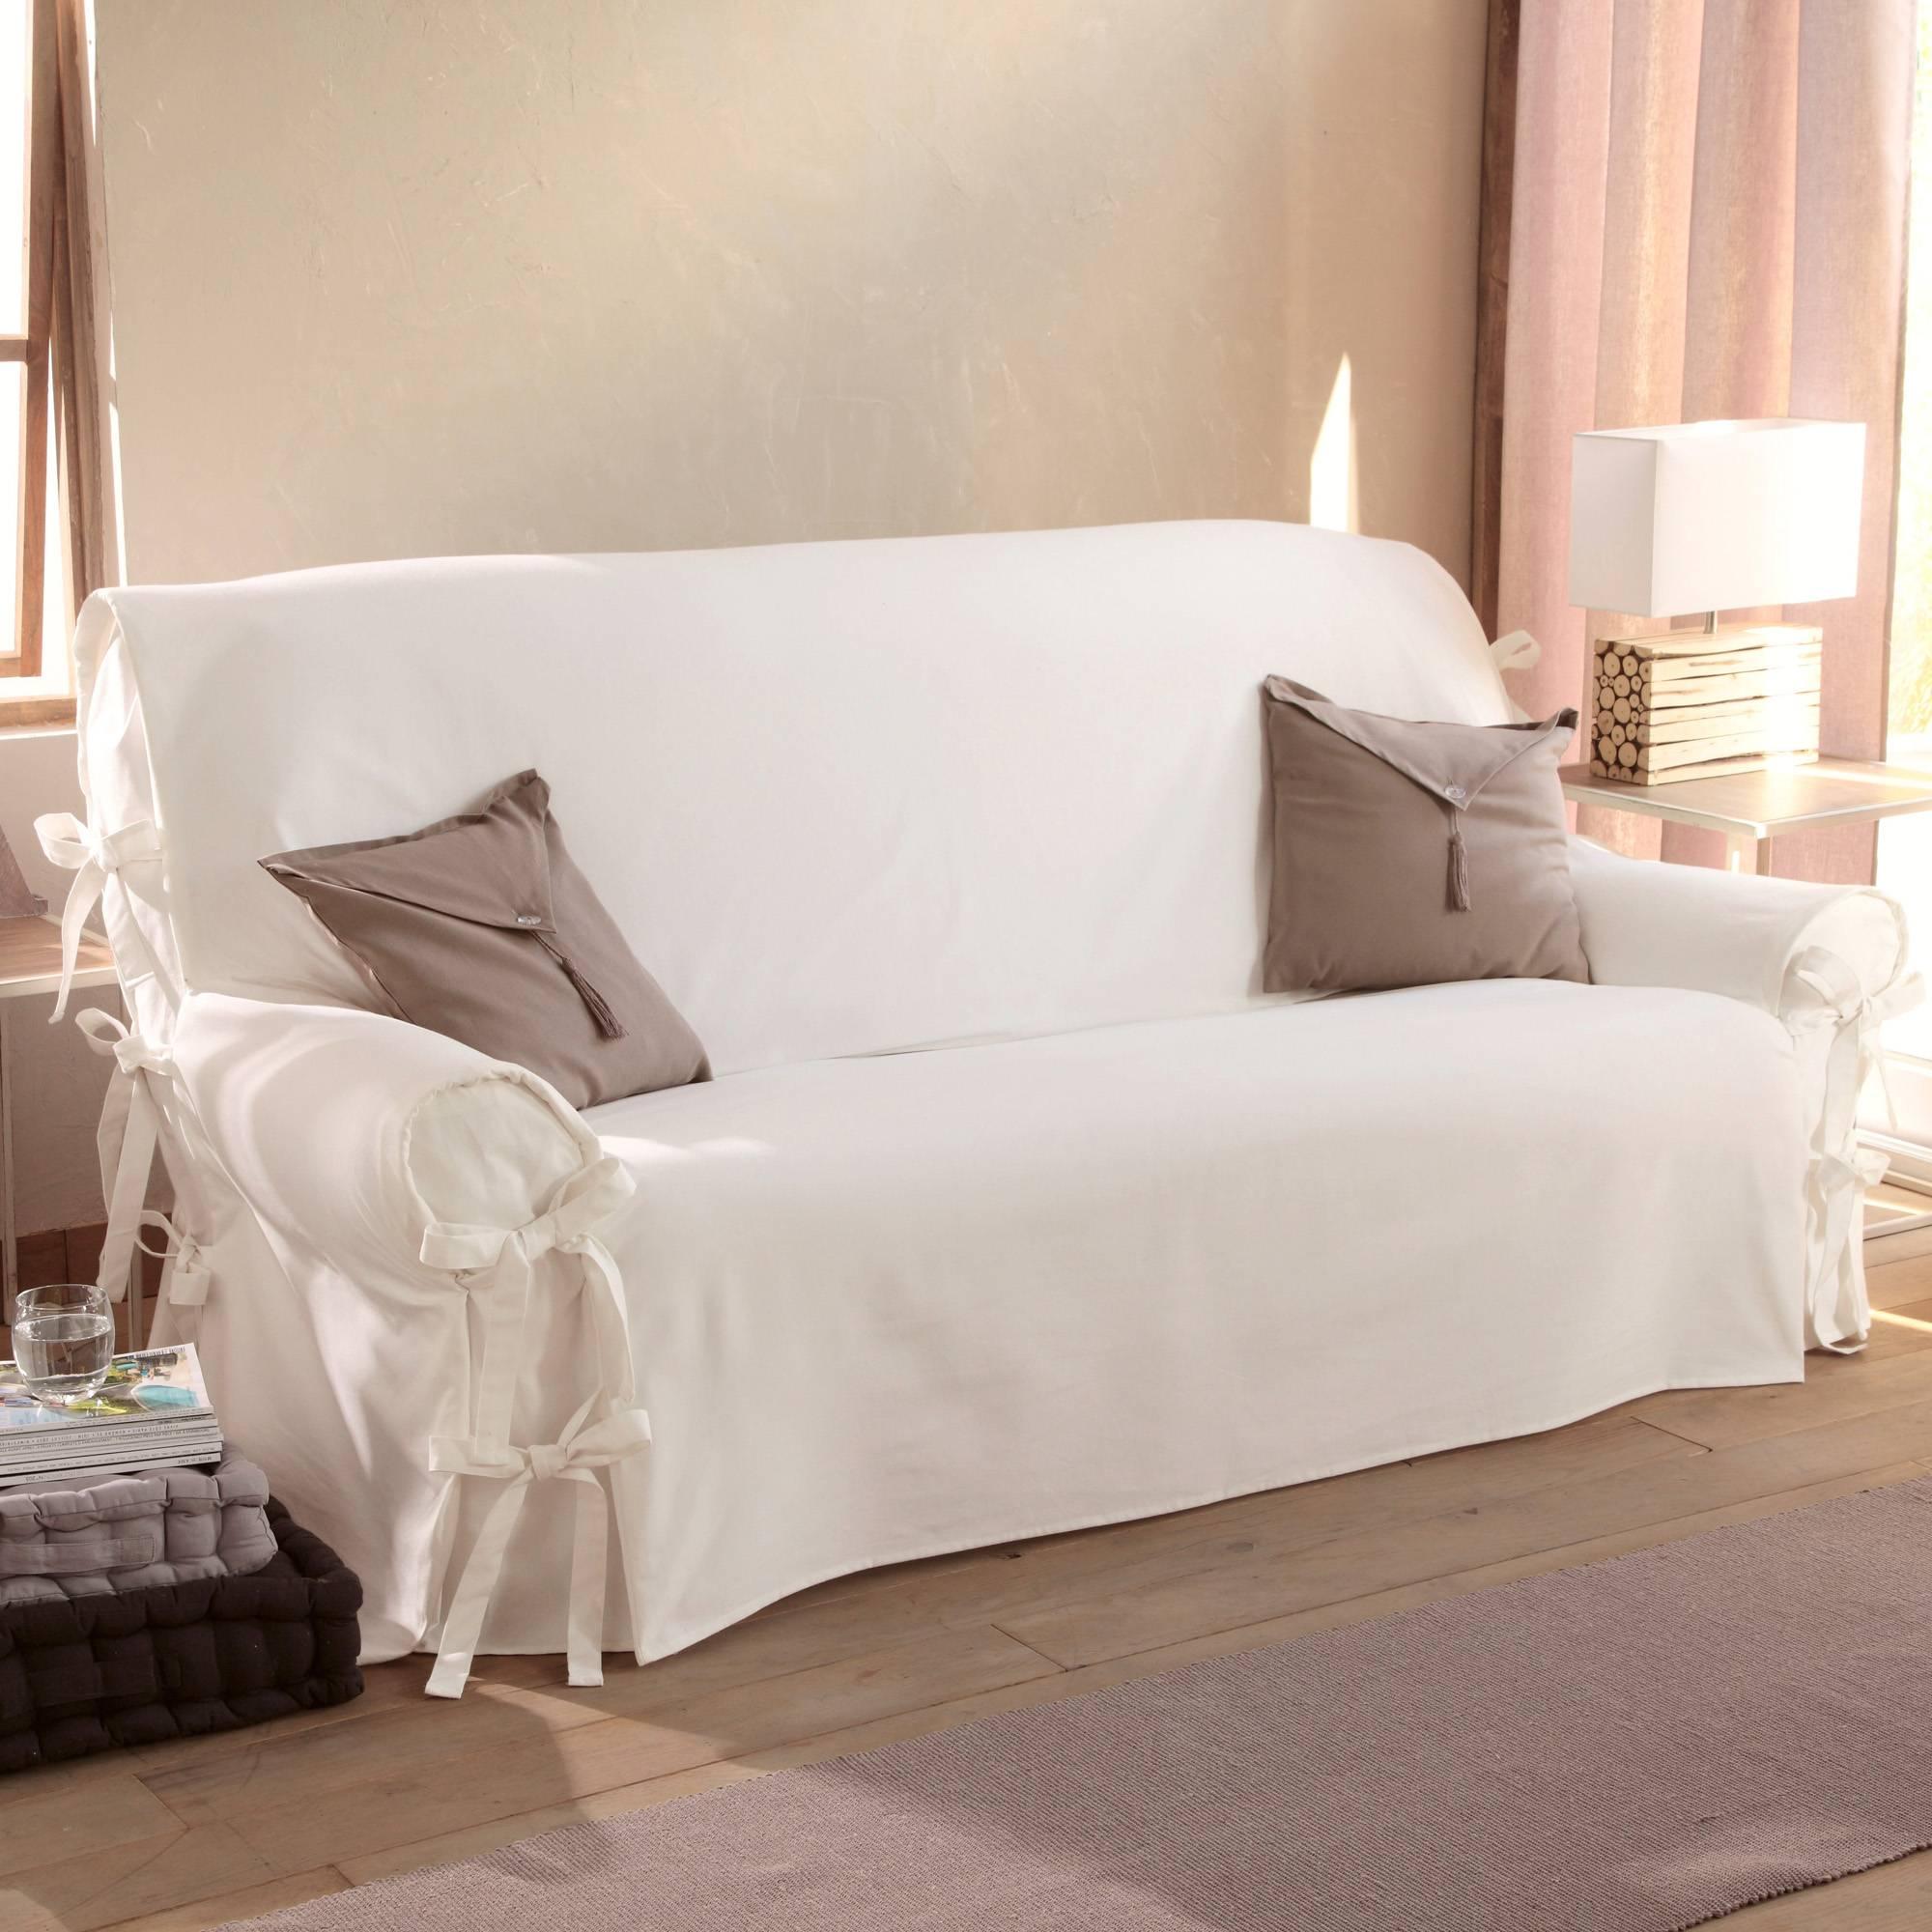 Housse Canape Clic Clac 3 Suisses - Maison Mobilier Jardin tout Housse De Clic Clac New York